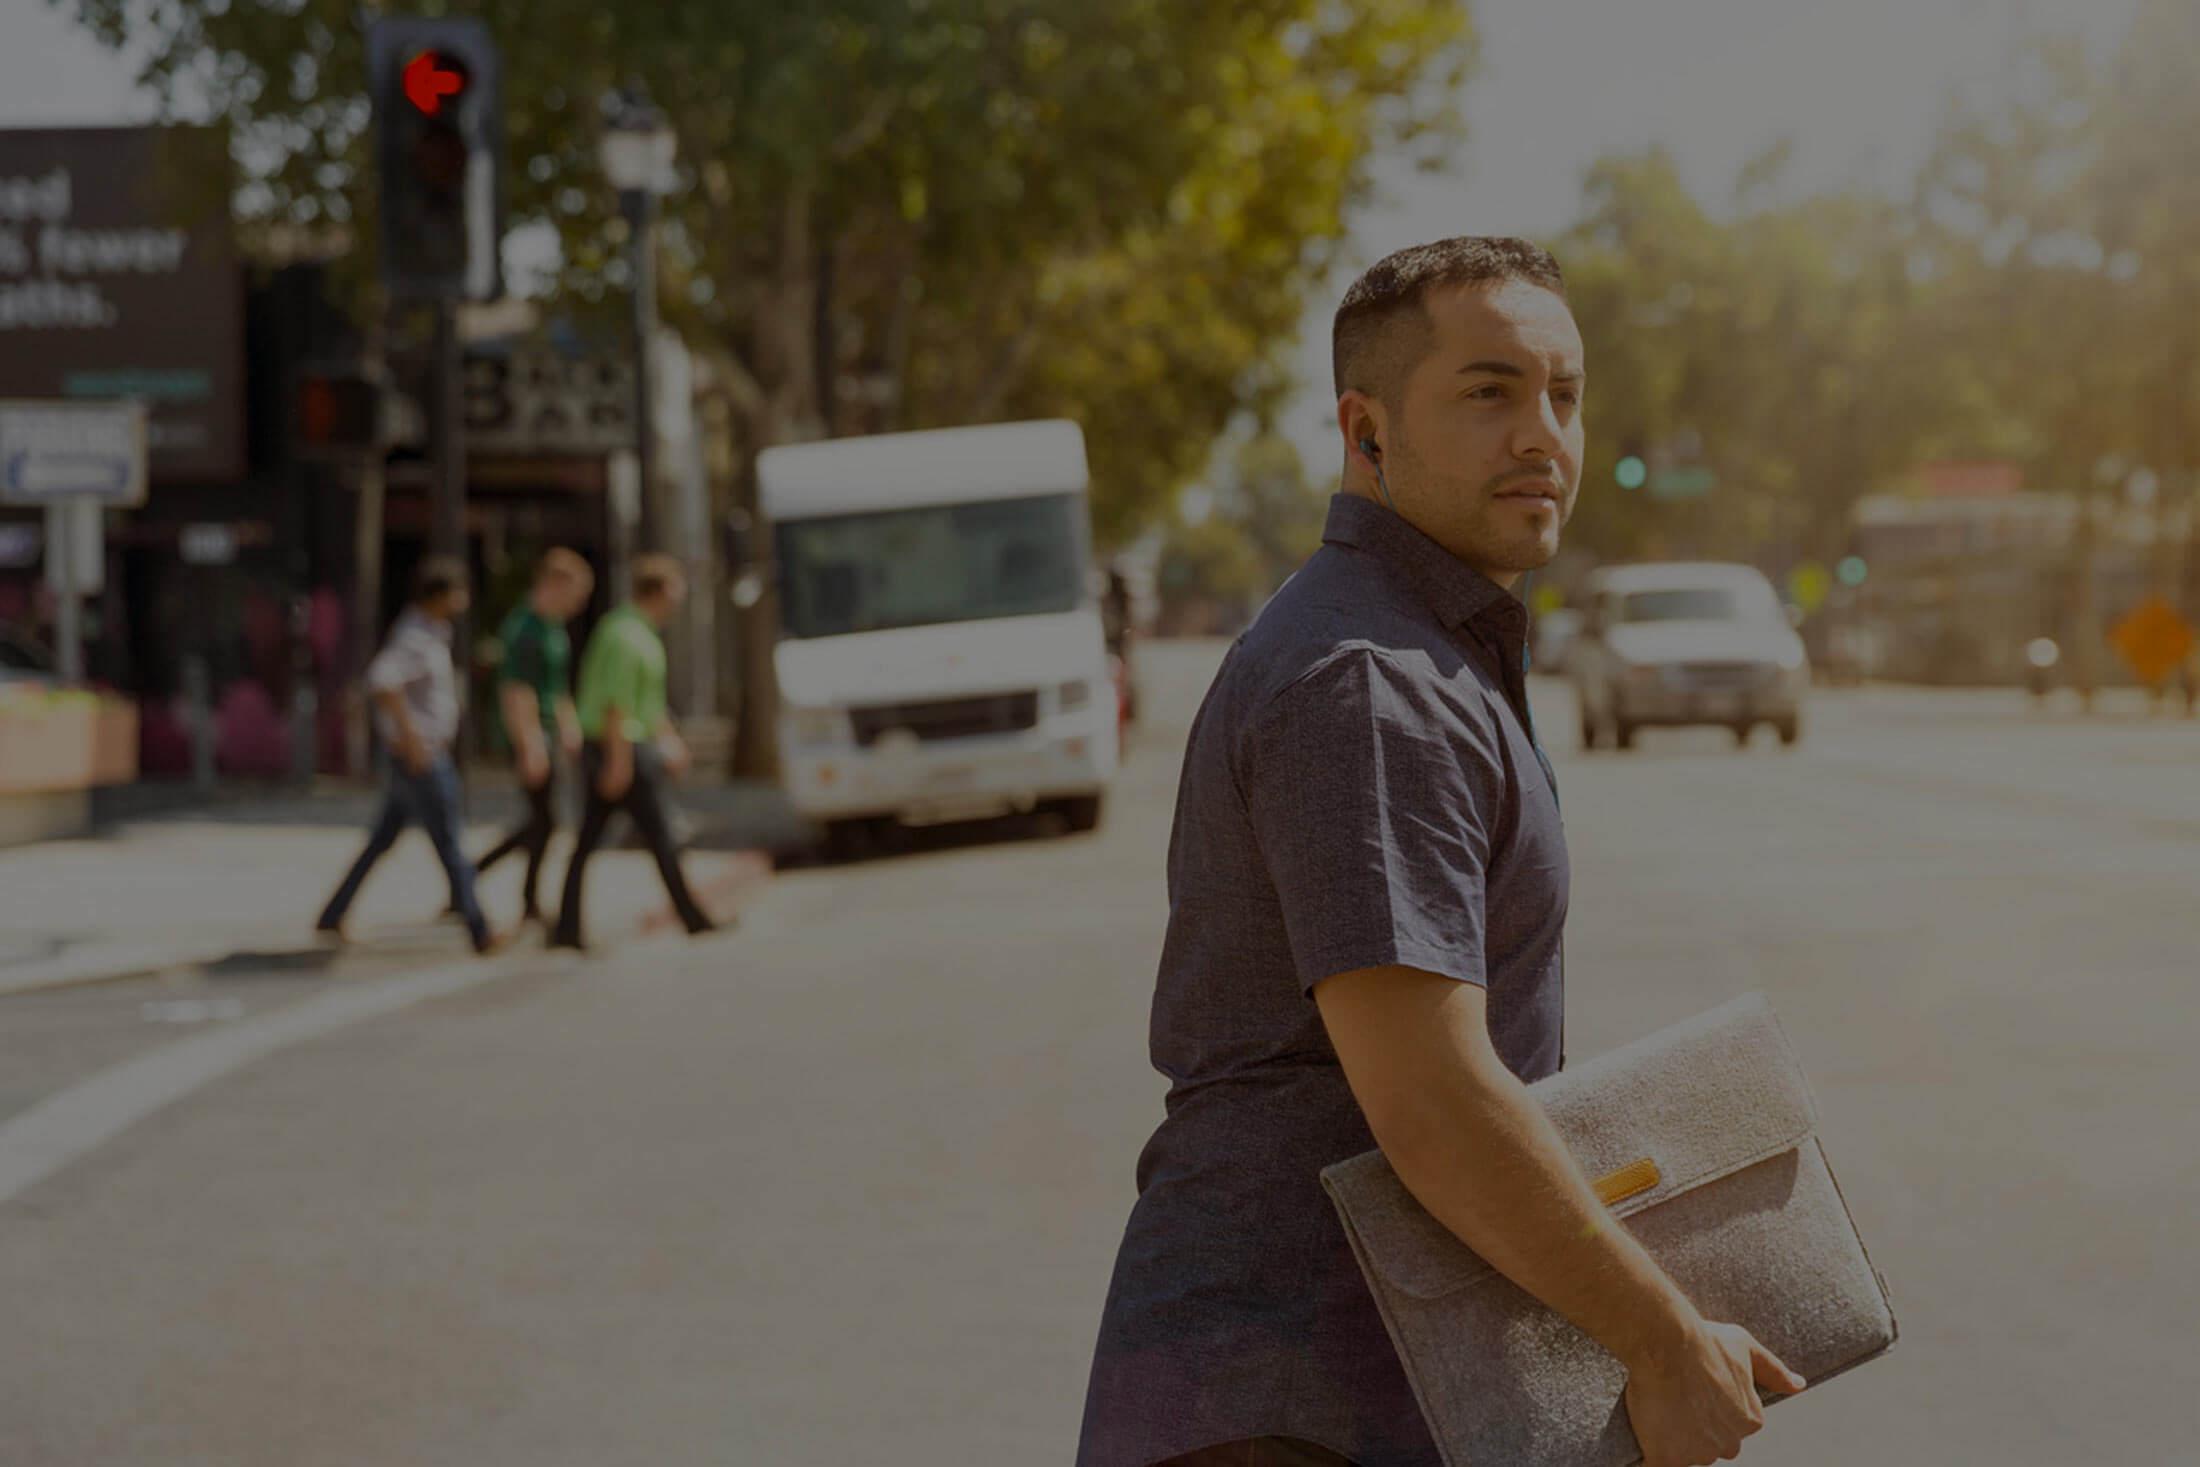 Pole emploi - offre emploi Monteur réseaux (H/F) - Saint-Gaudens